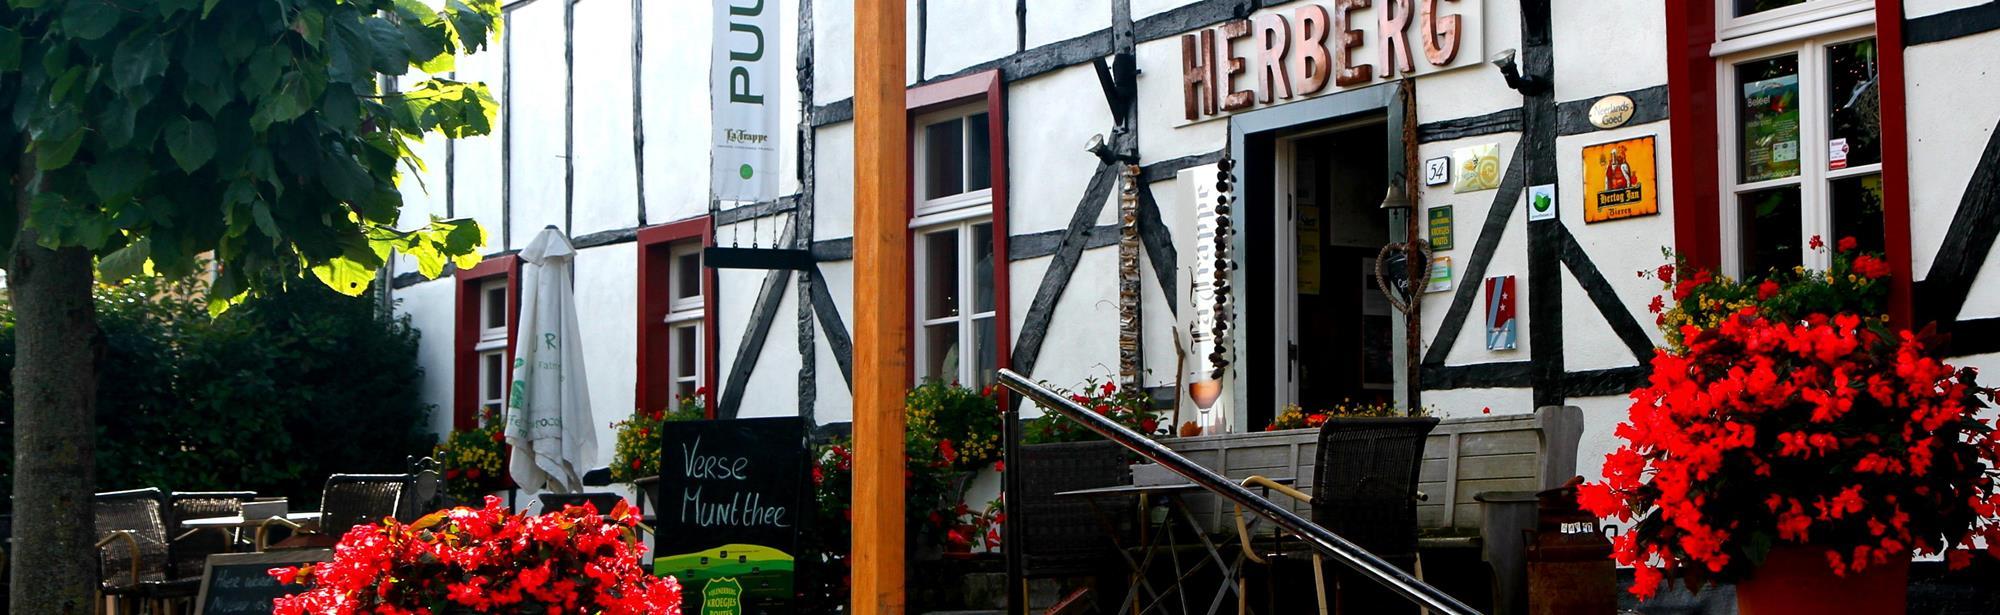 Herberg Oud Holset